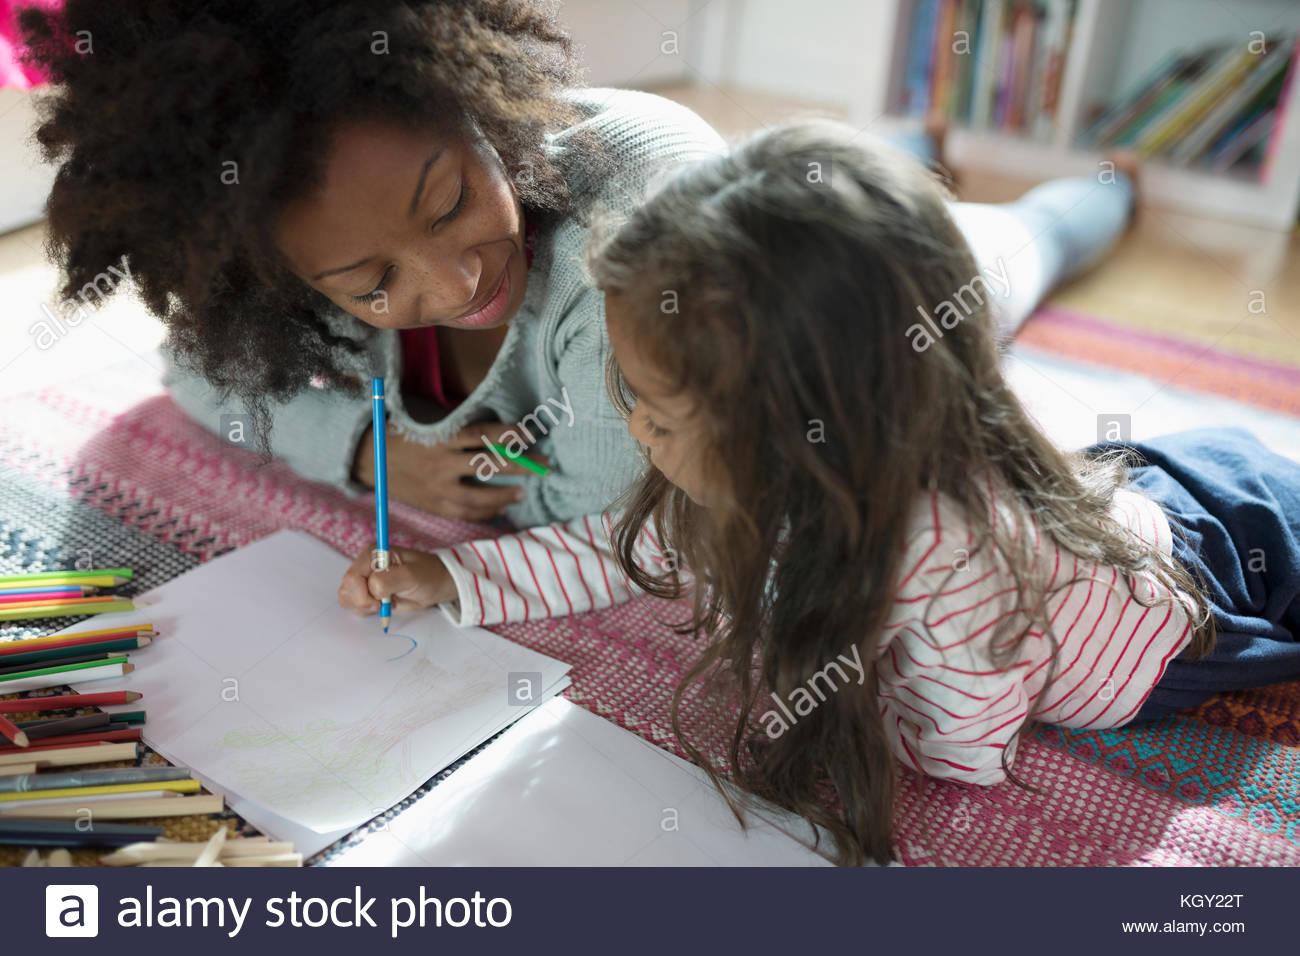 Mère et fille dessin avec des crayons sur un tapis Photo Stock